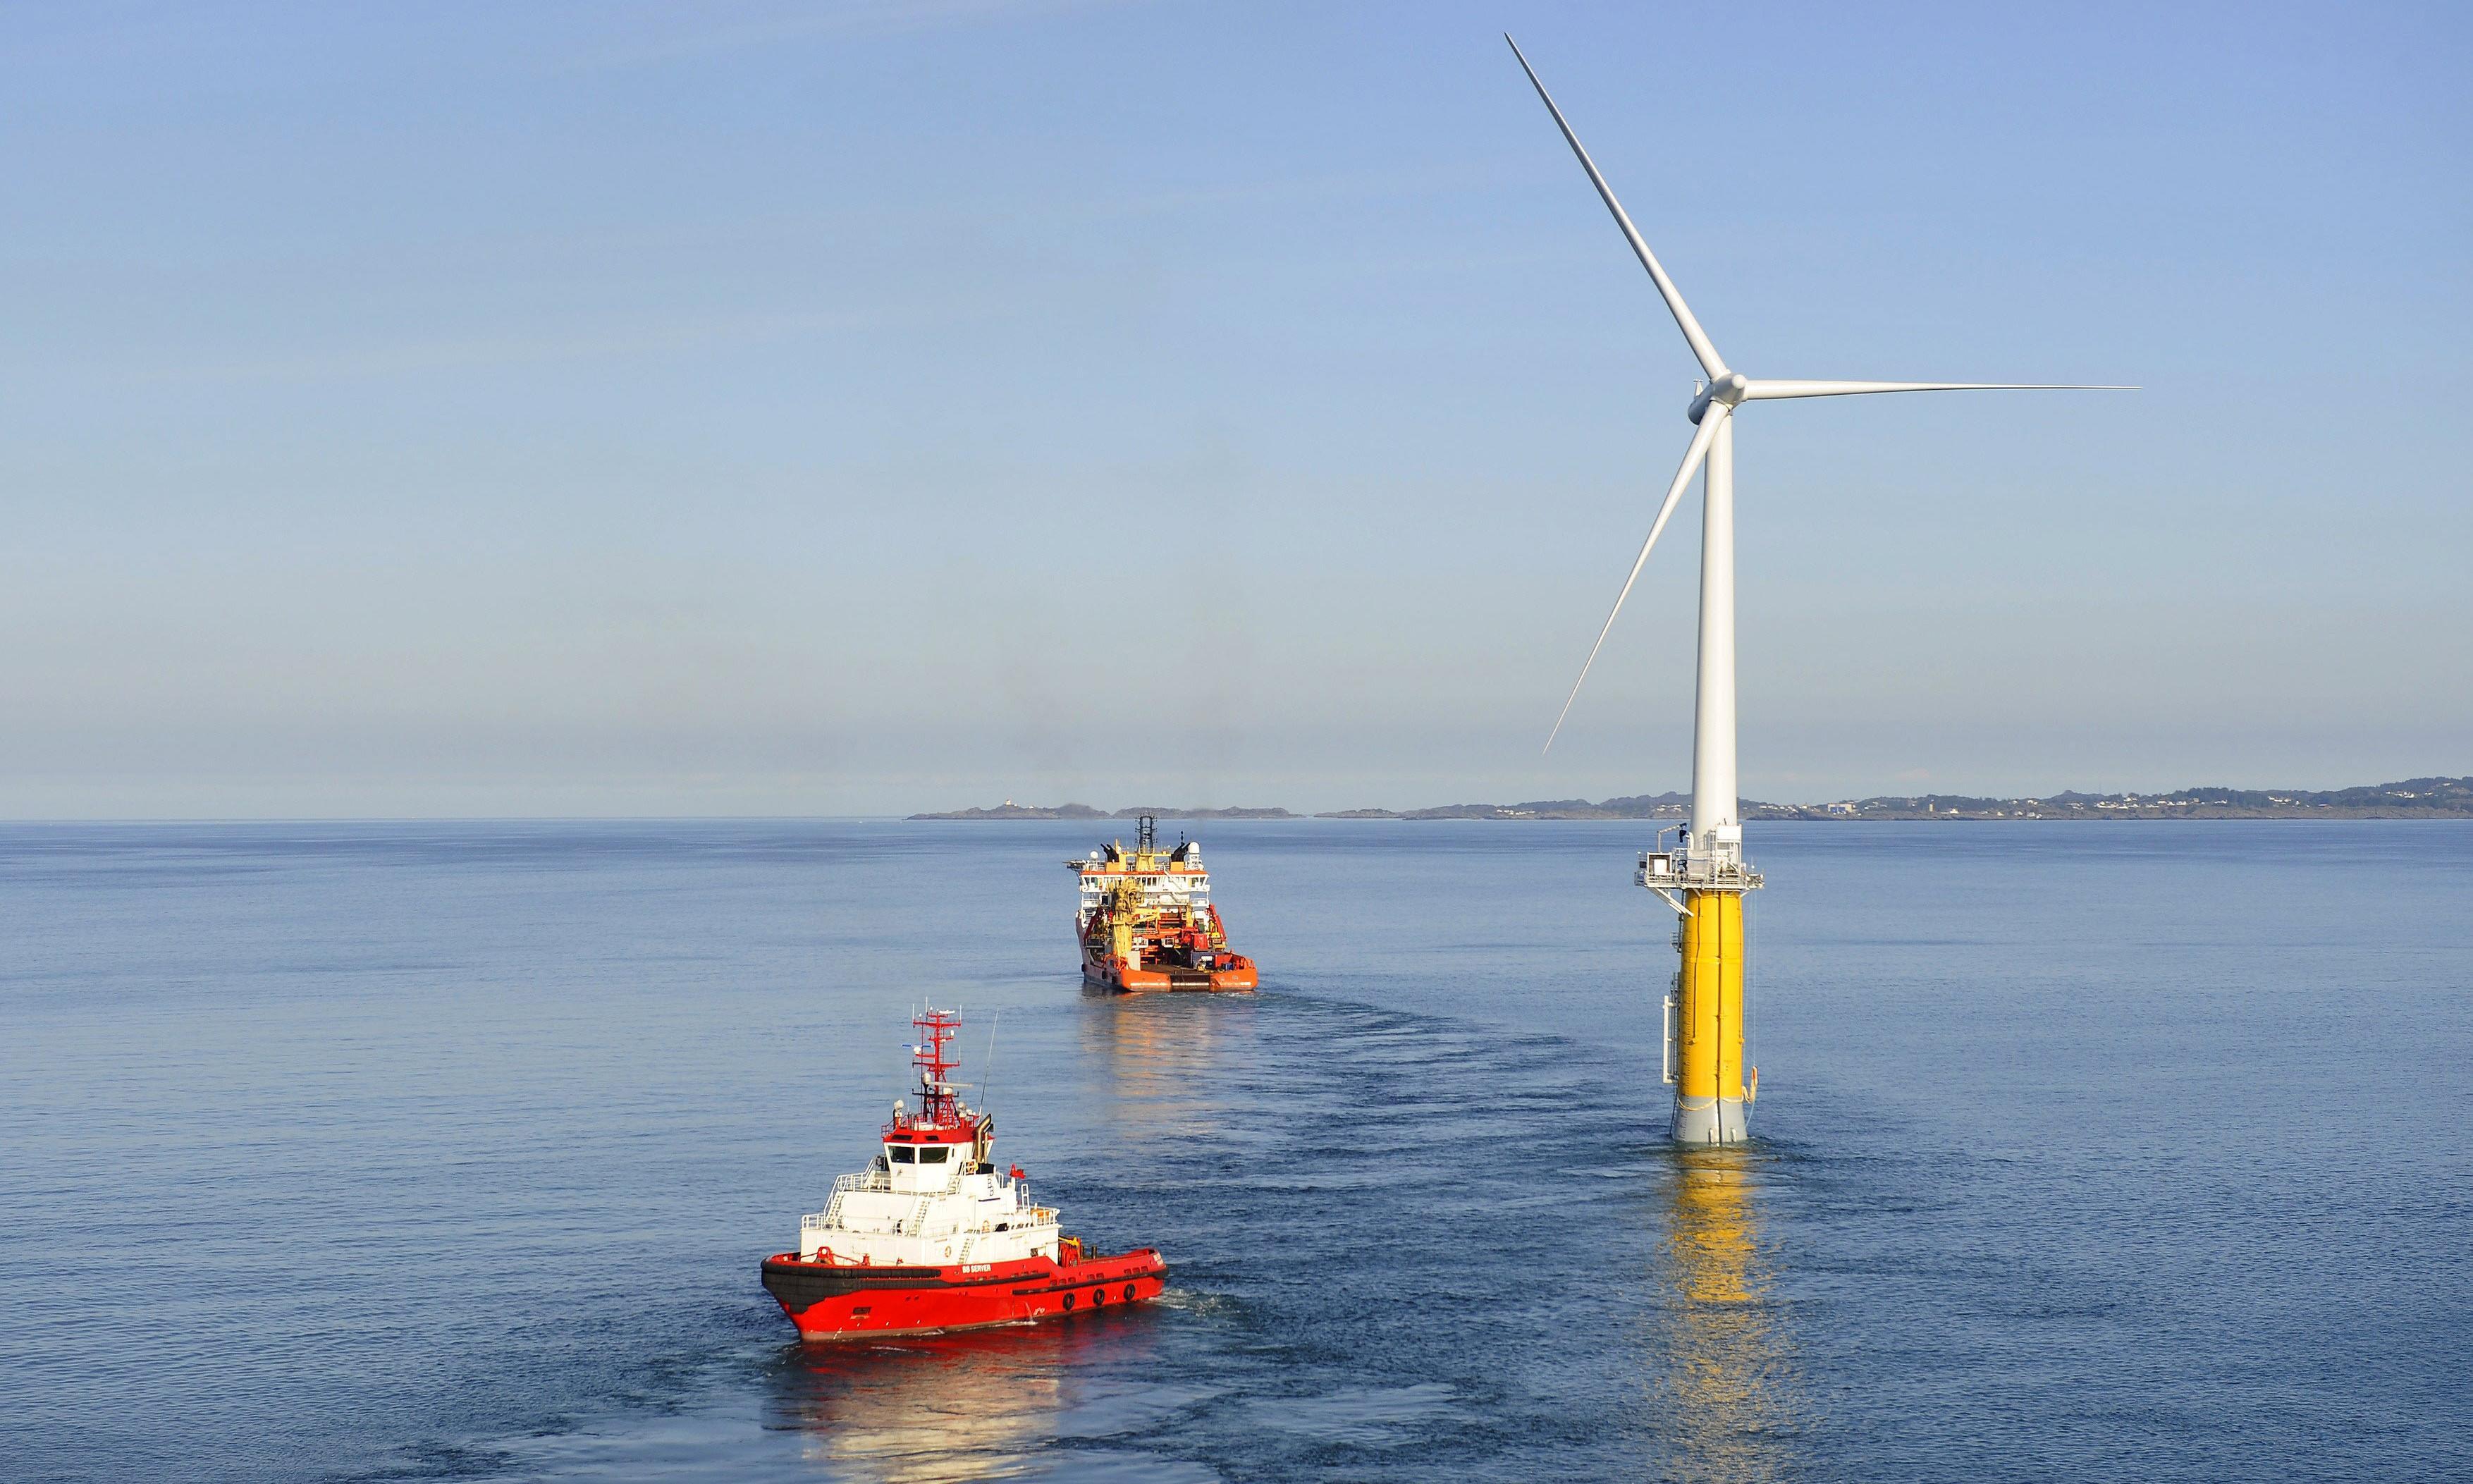 Offshore windfarm development: bigger, better, cheaper